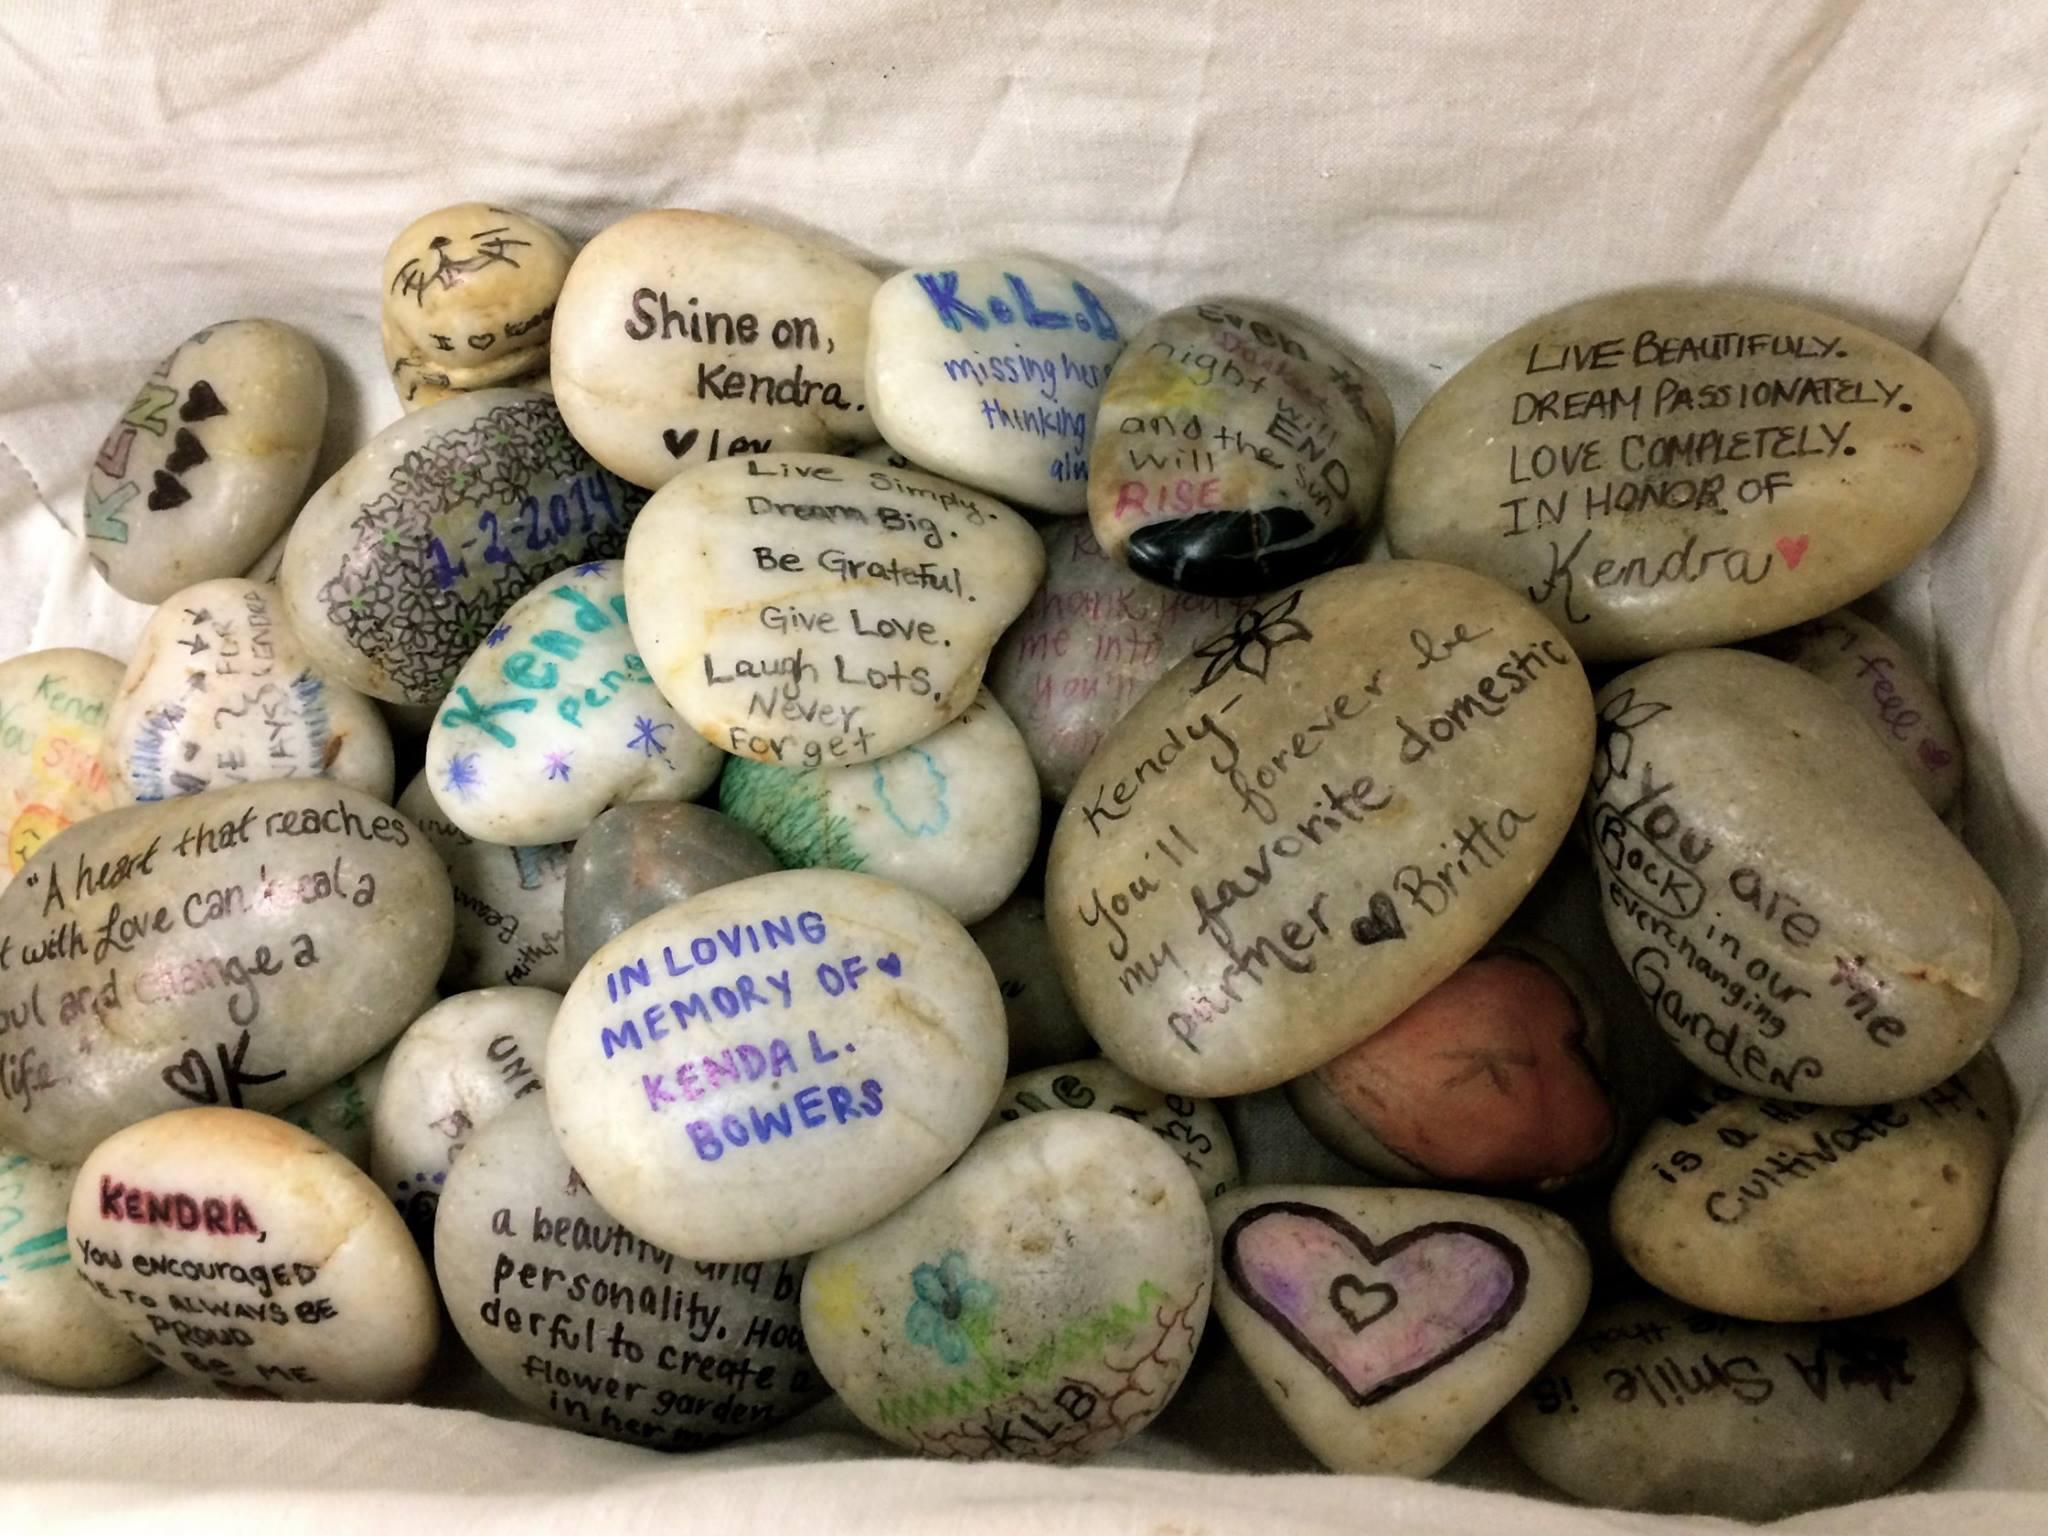 Kendra Rocks